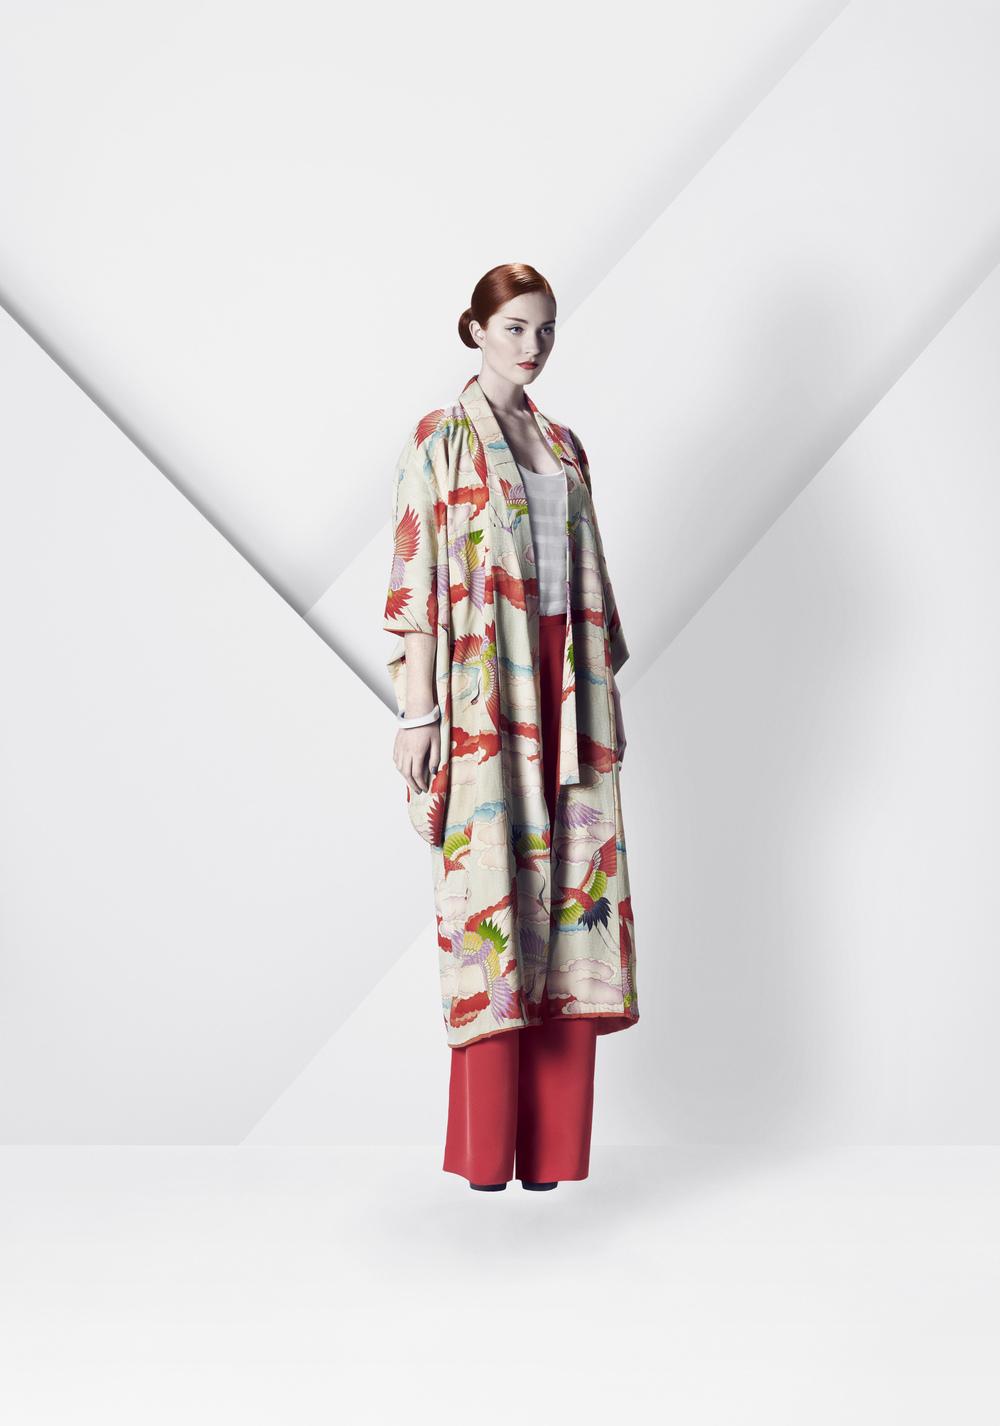 13_3_23_Kimono _0028_F3.jpg